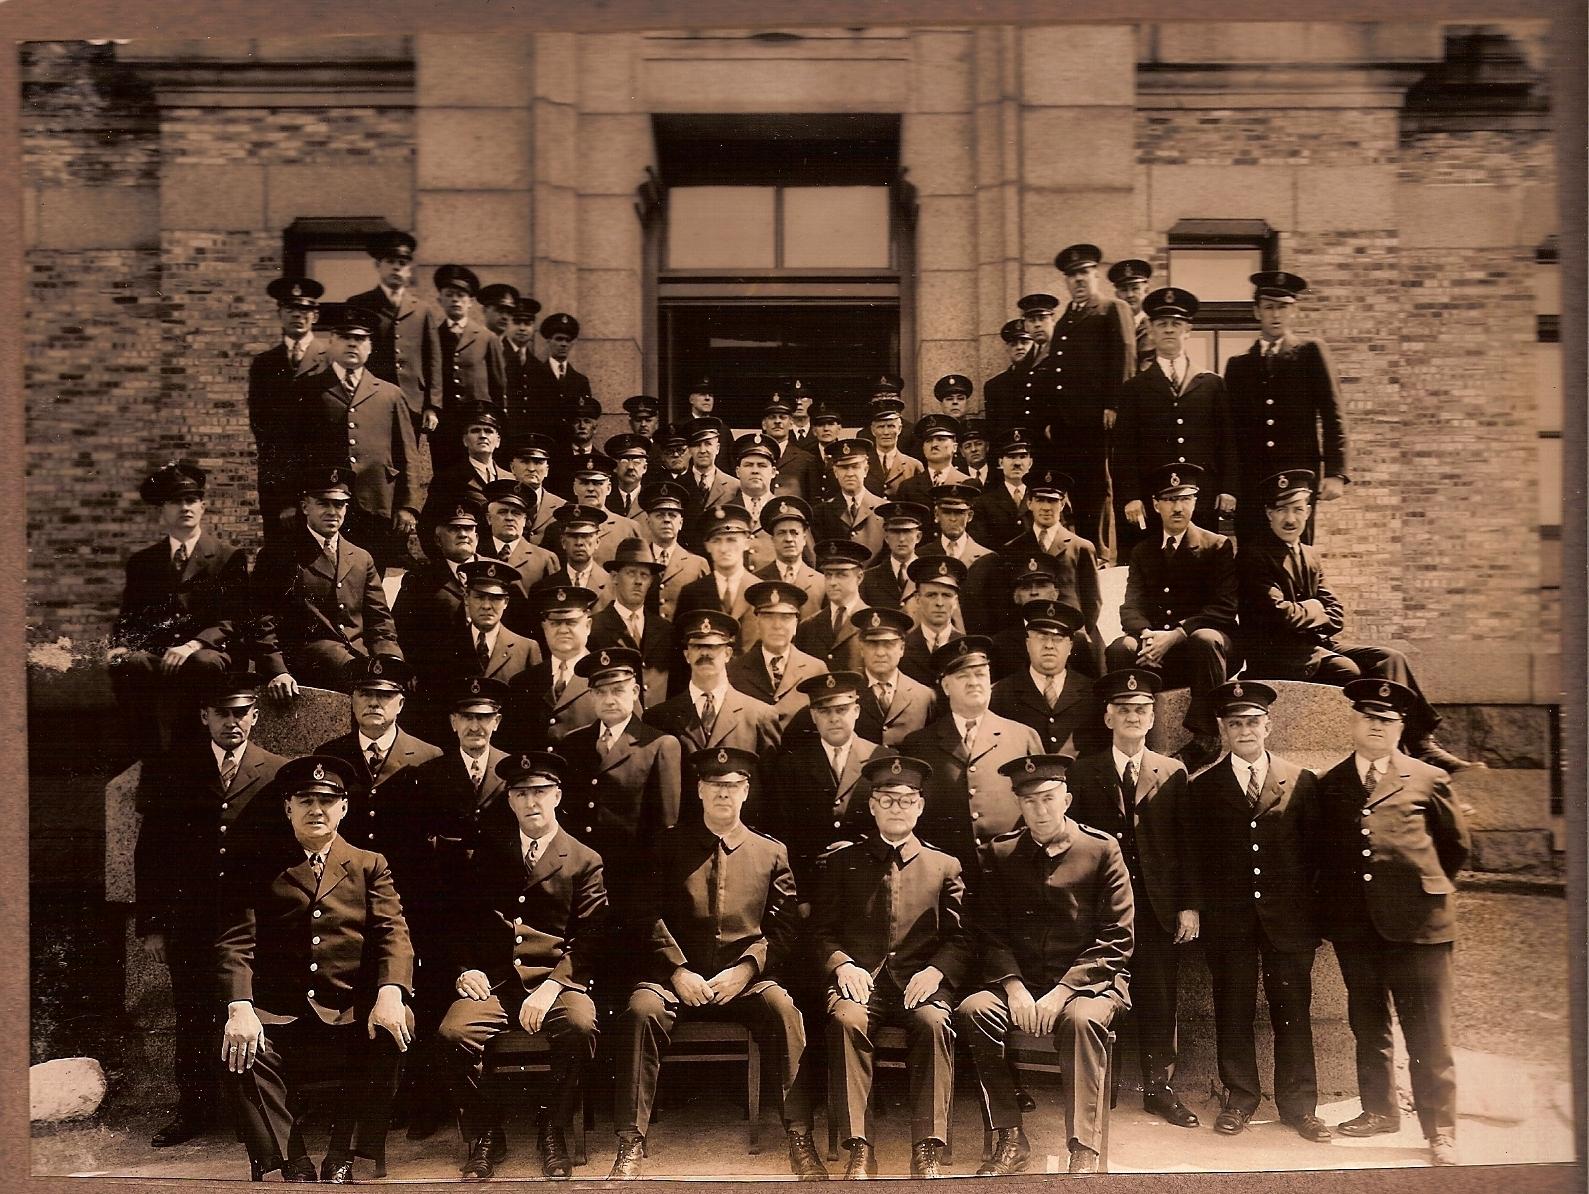 Membres du personnel devant le bâtiment d'administration de l'établissement de détention de Montréal en 1933